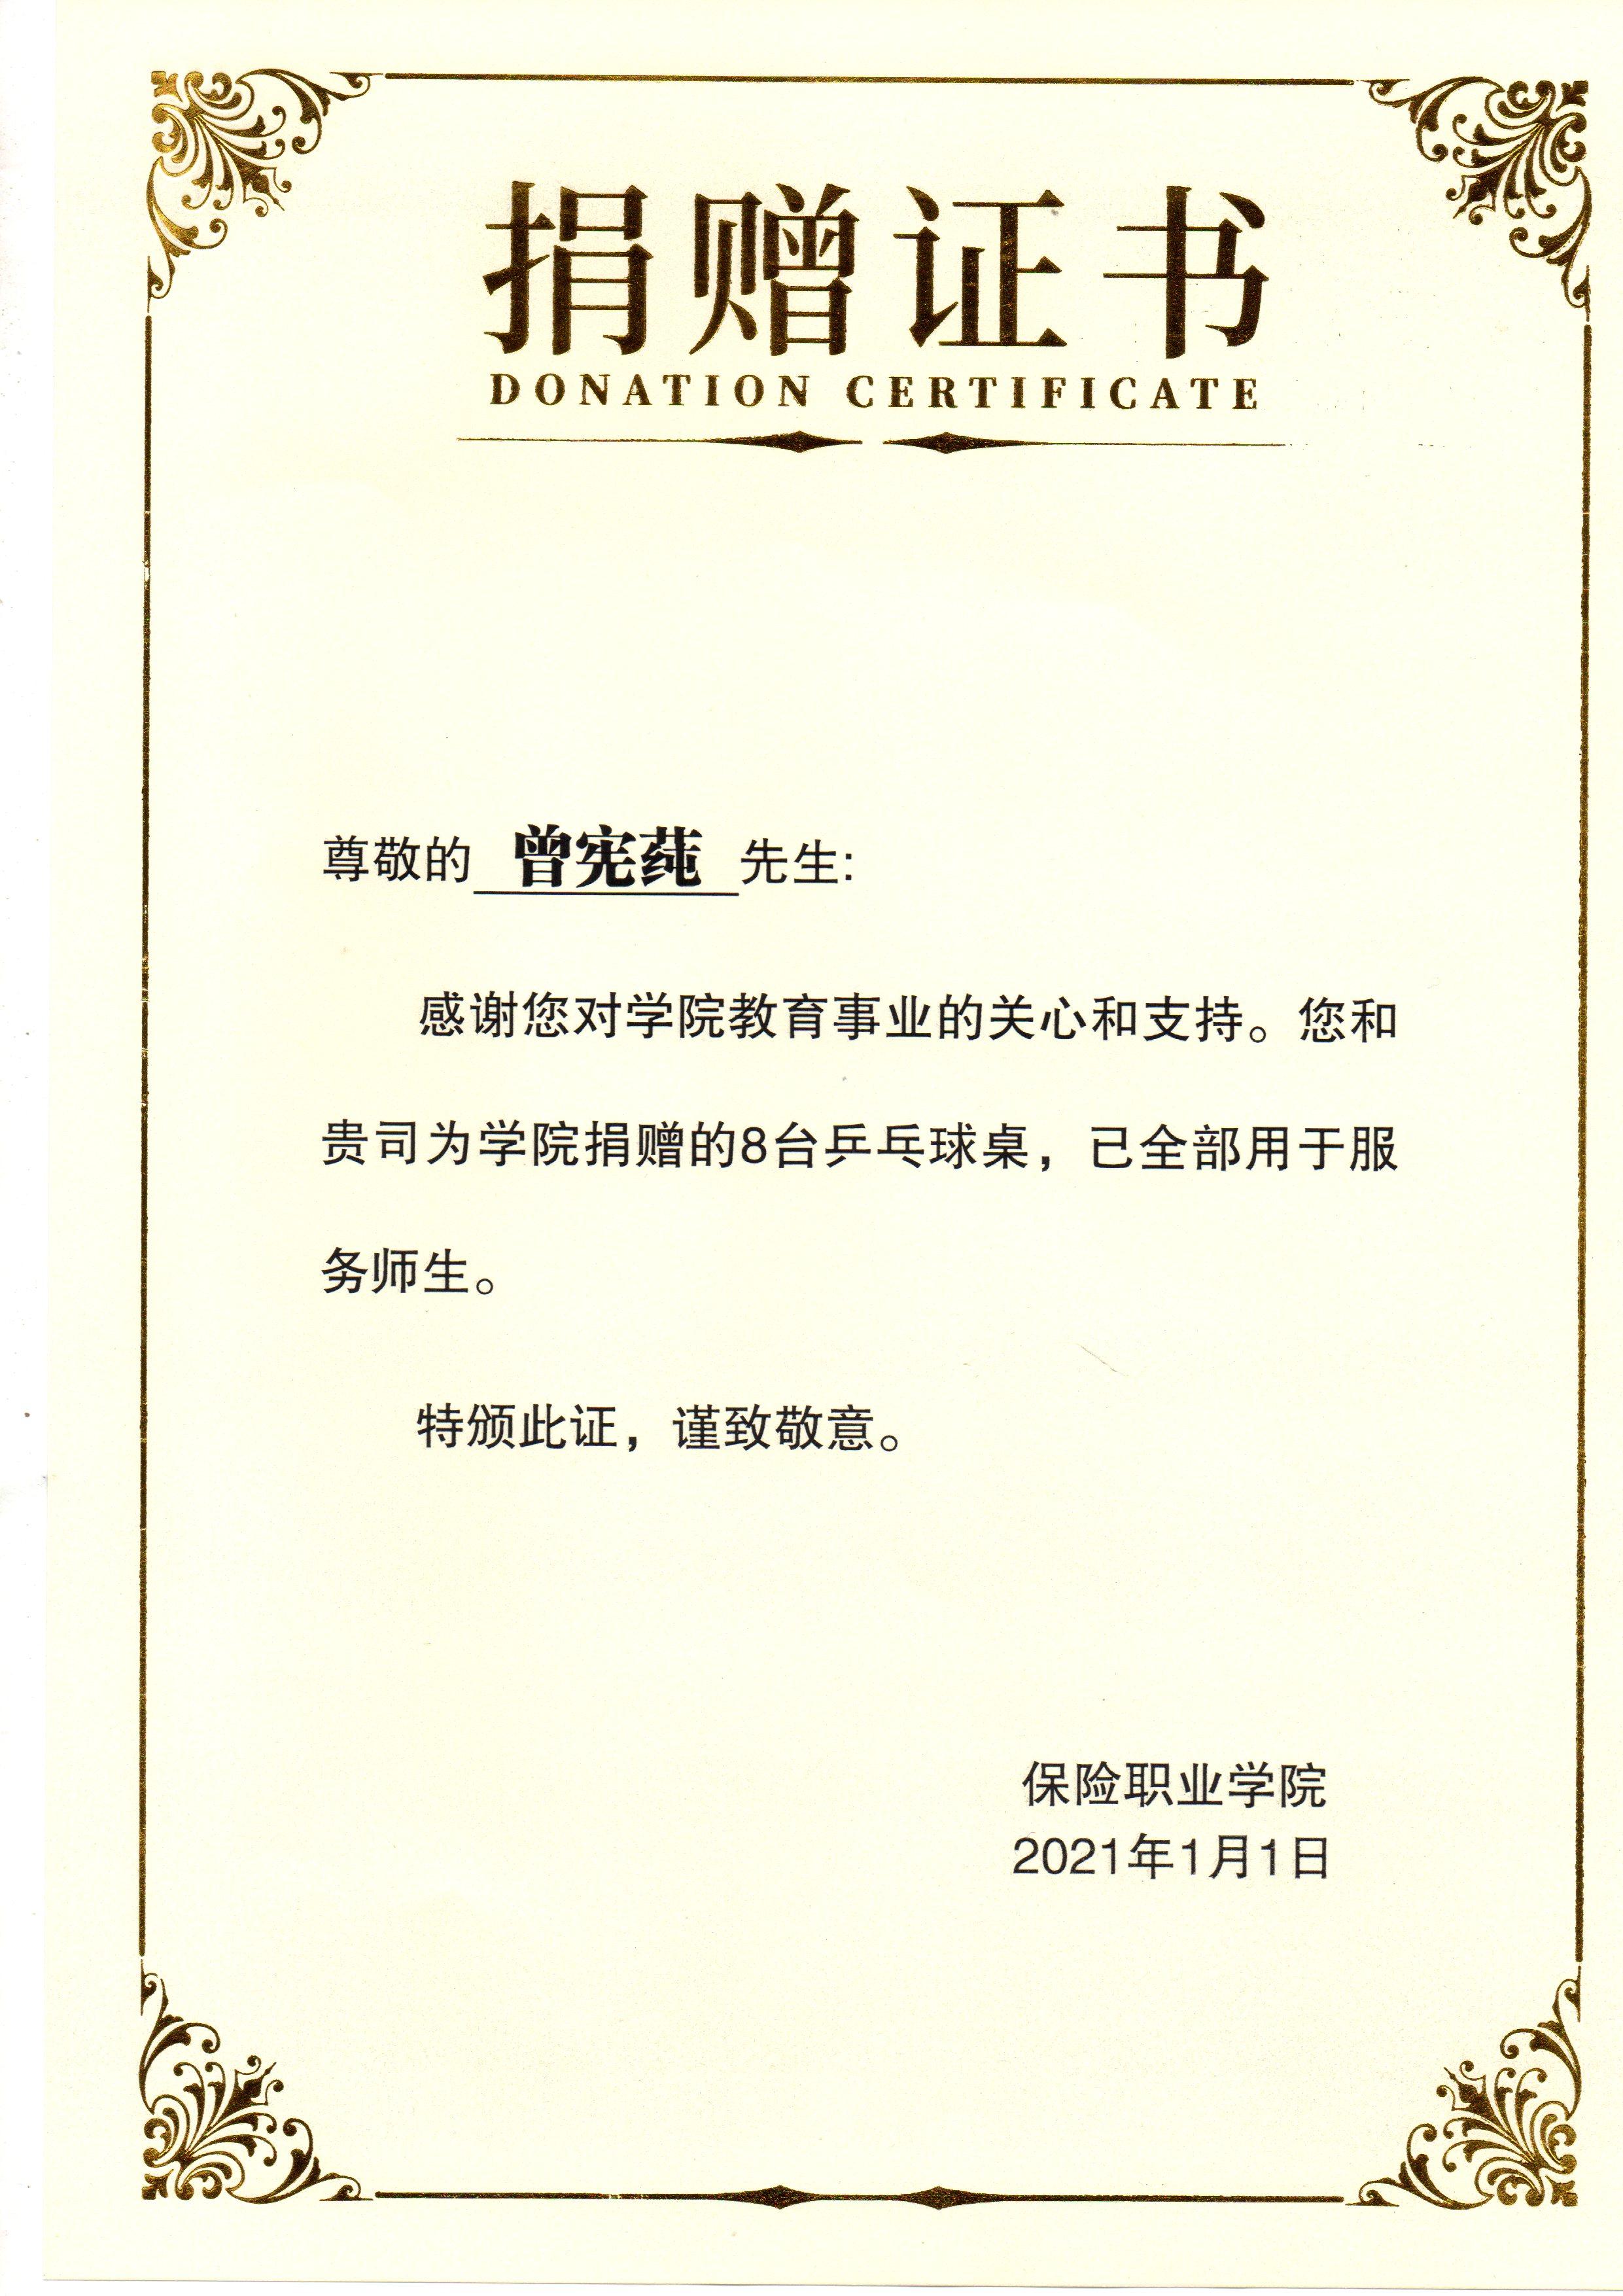 公司荣誉榜|中润致远体育捐赠体育器材受益保险职业学院!